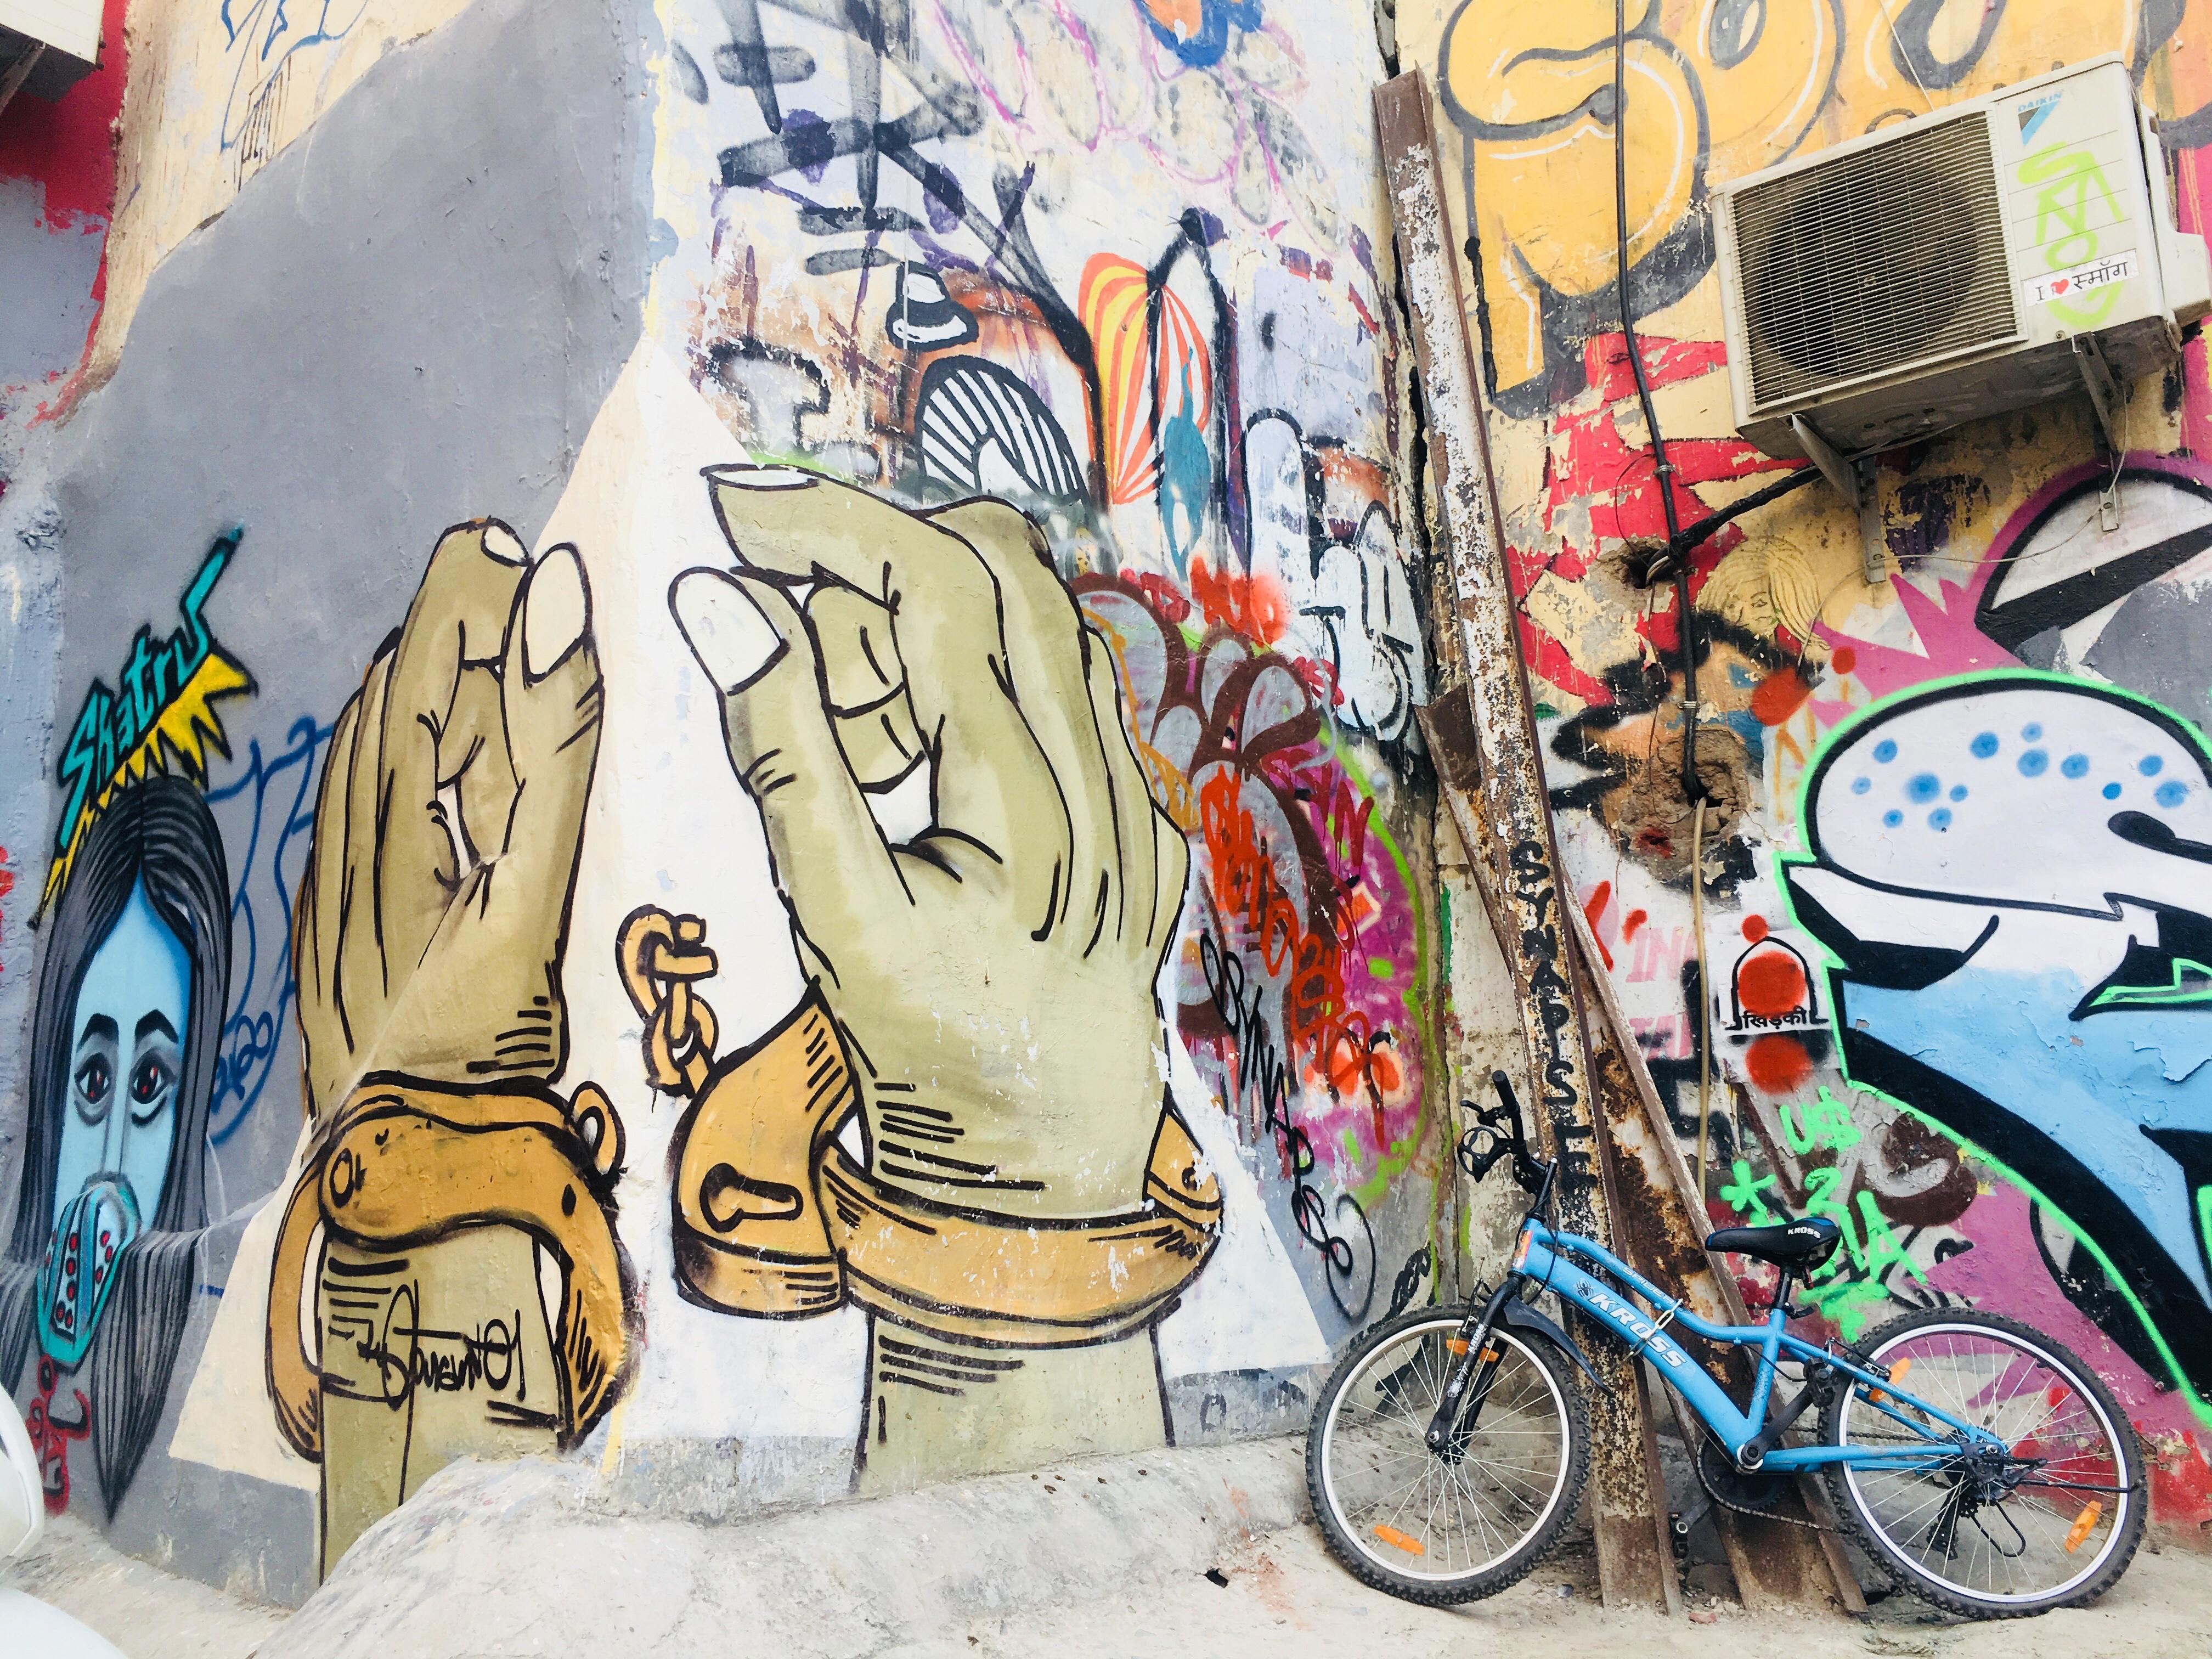 Graffiti at The Hauz Khas Fort